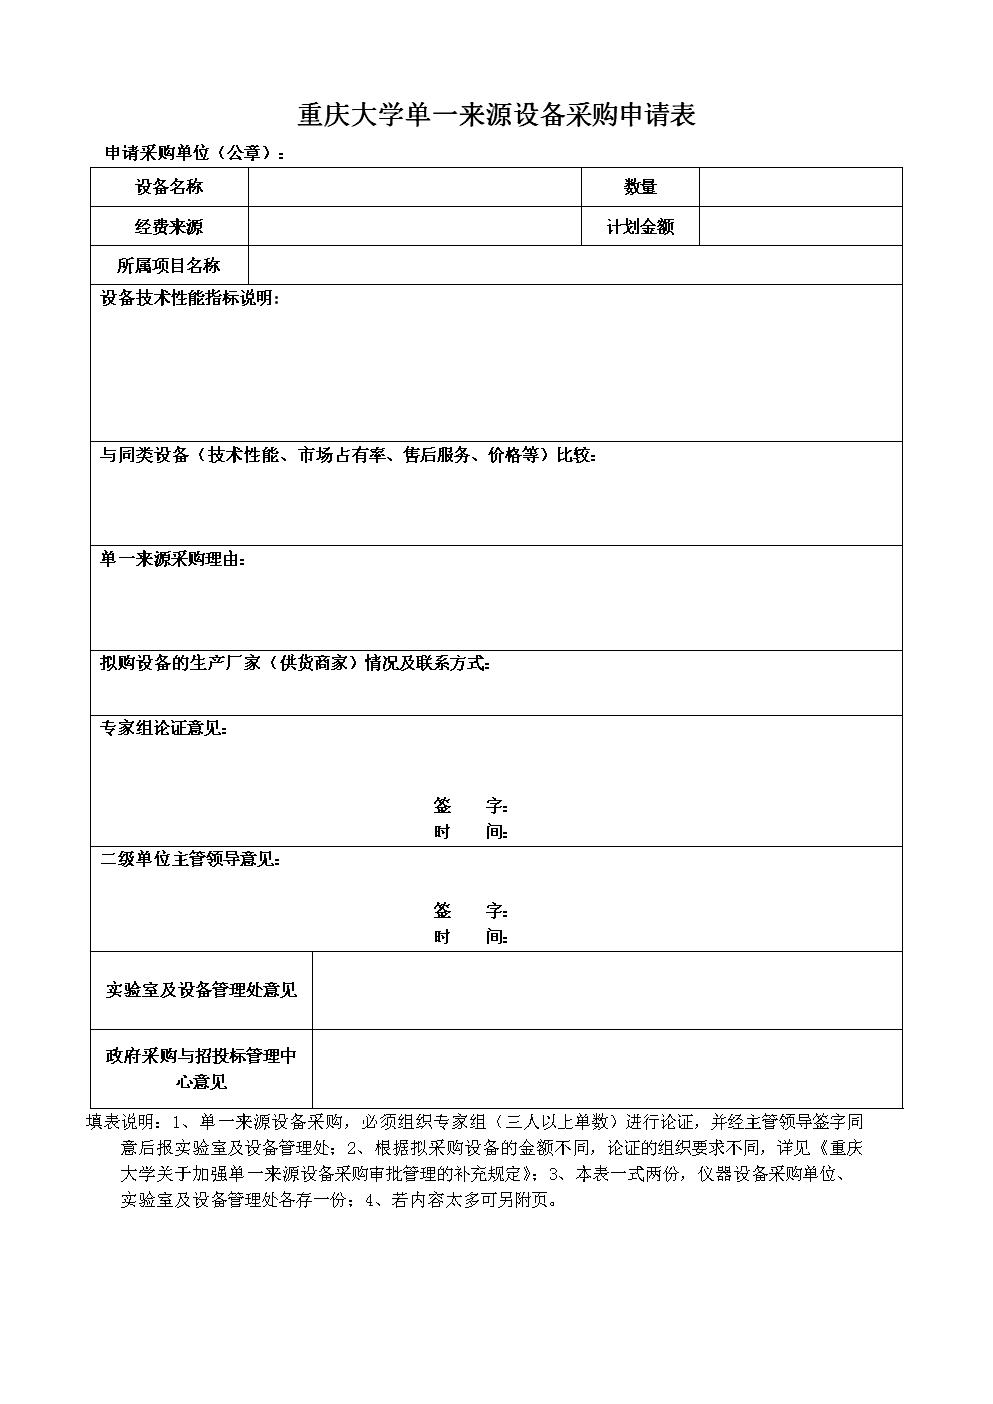 单一来源设备采购申请表 - cqueducn.doc